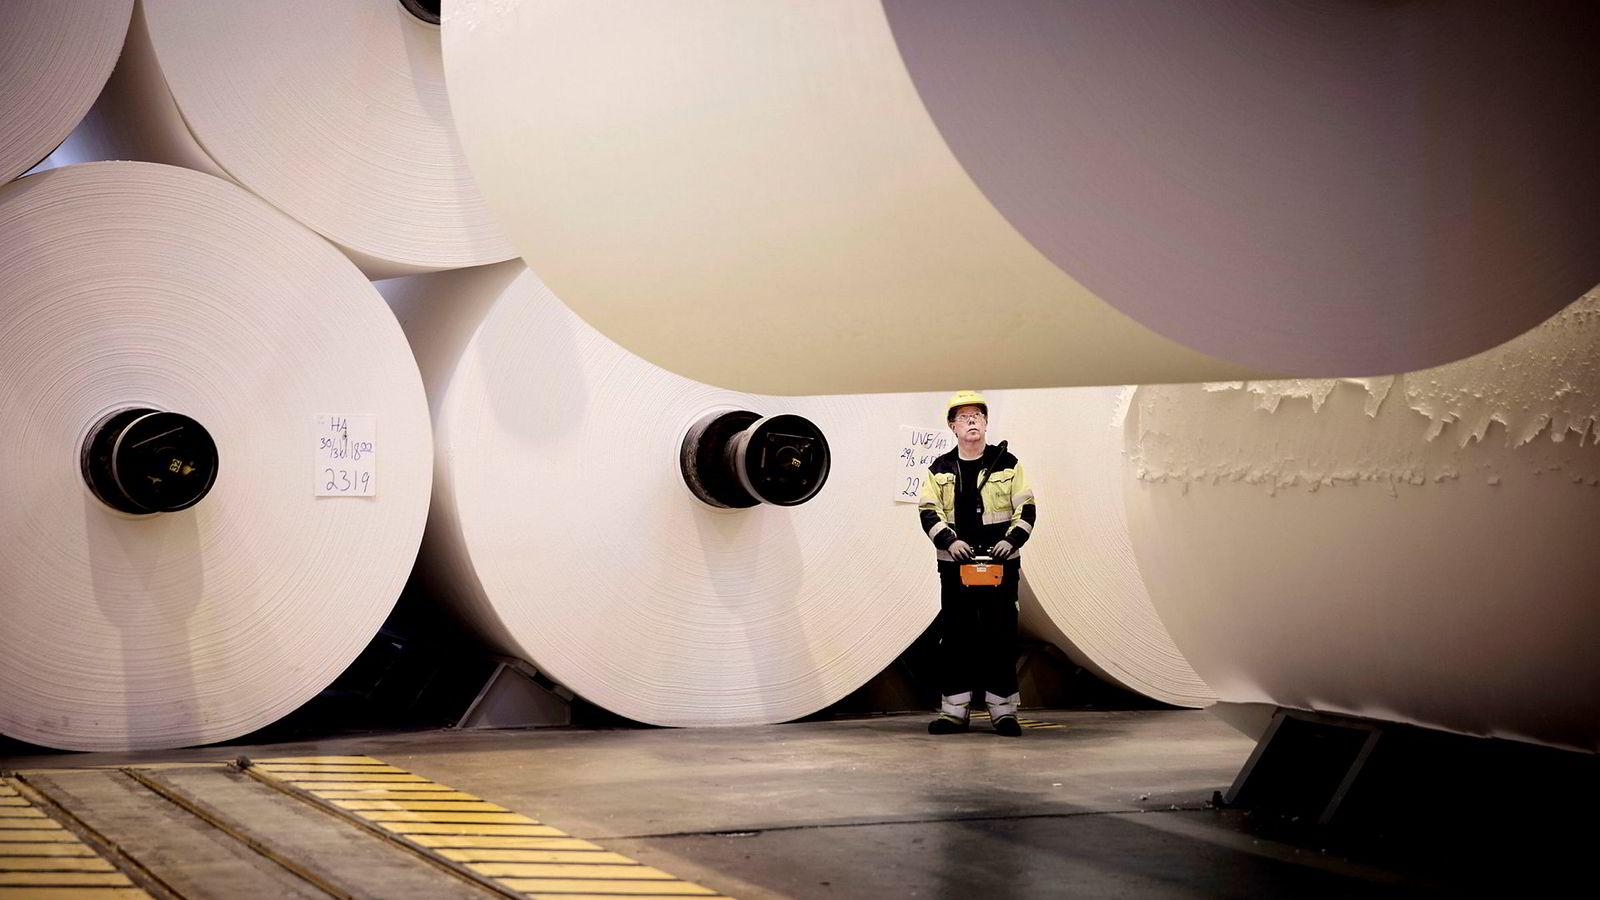 Kristian Tunaal fra DNB Markets velger denne uken å dumpe Borregaard, som følge av svakere dollarkurs. Kjell Steen Borregaards fabrikker i Sarpsborg har gått fra rundt 4000 ansatte på 60-tallet til i underkant av 500 i dag.